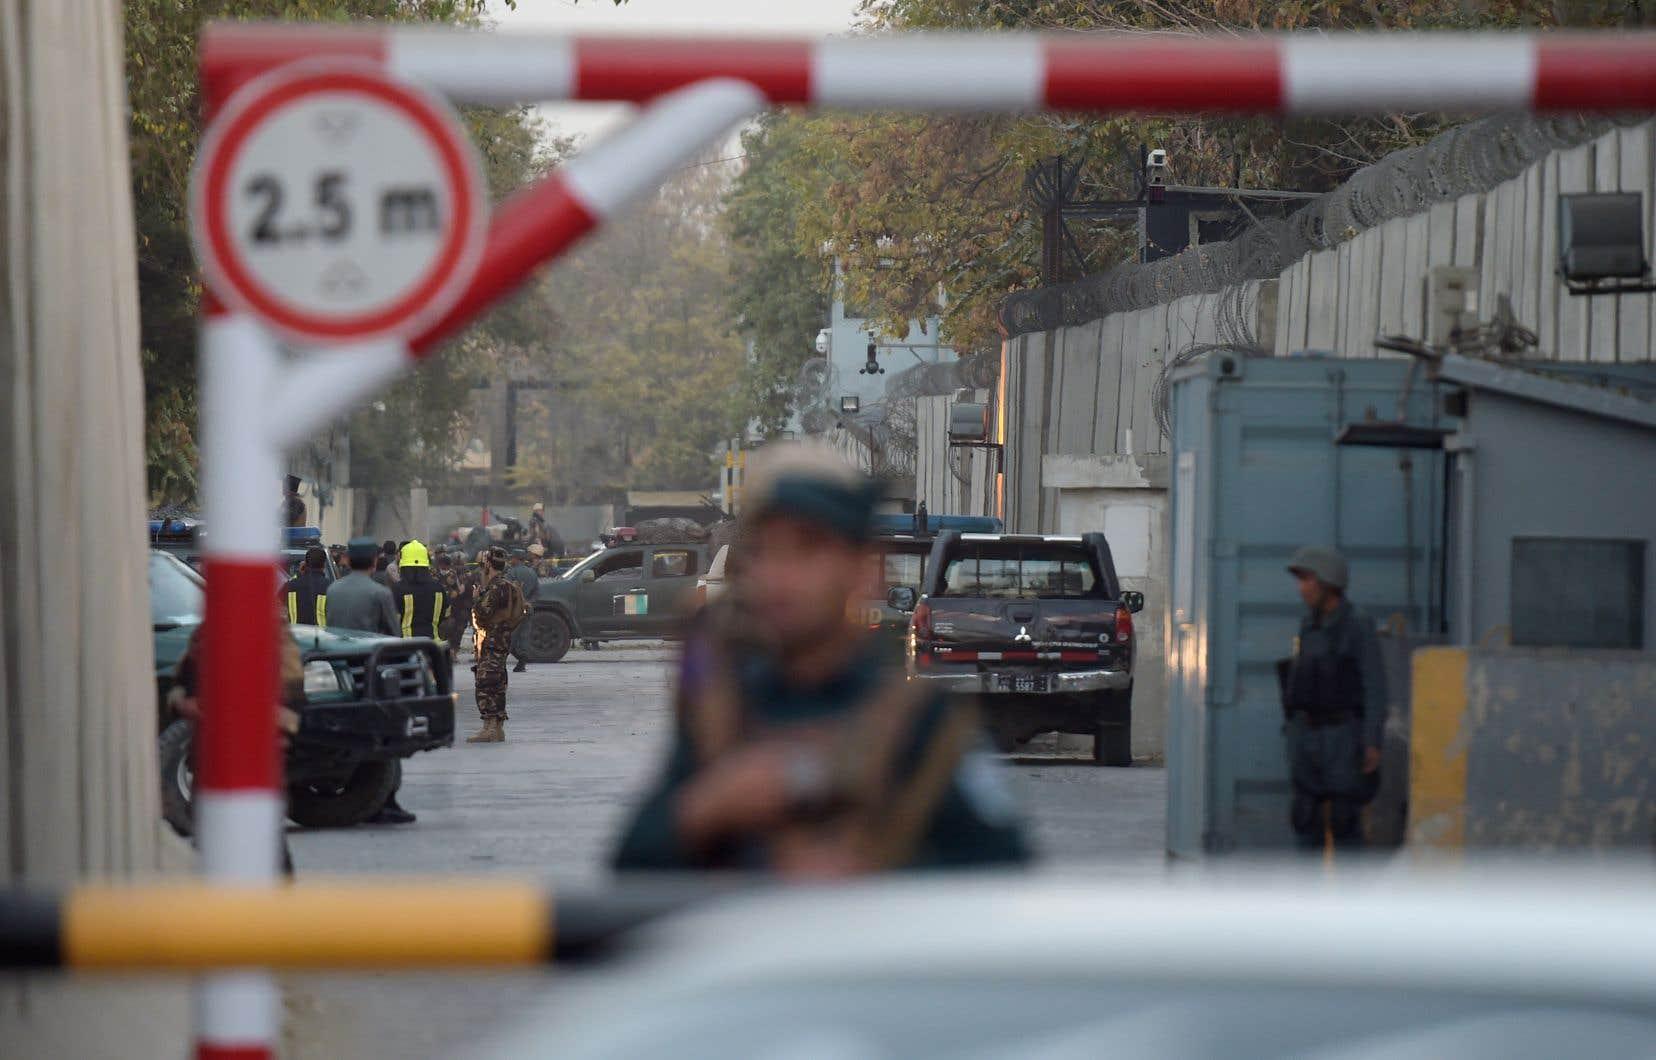 L'attentat de mardi est le premier en zone verte et dans ce quartier depuis l'explosion d'un camion piégé, le 31mai, qui avait fait 150 morts et 400 blessés.